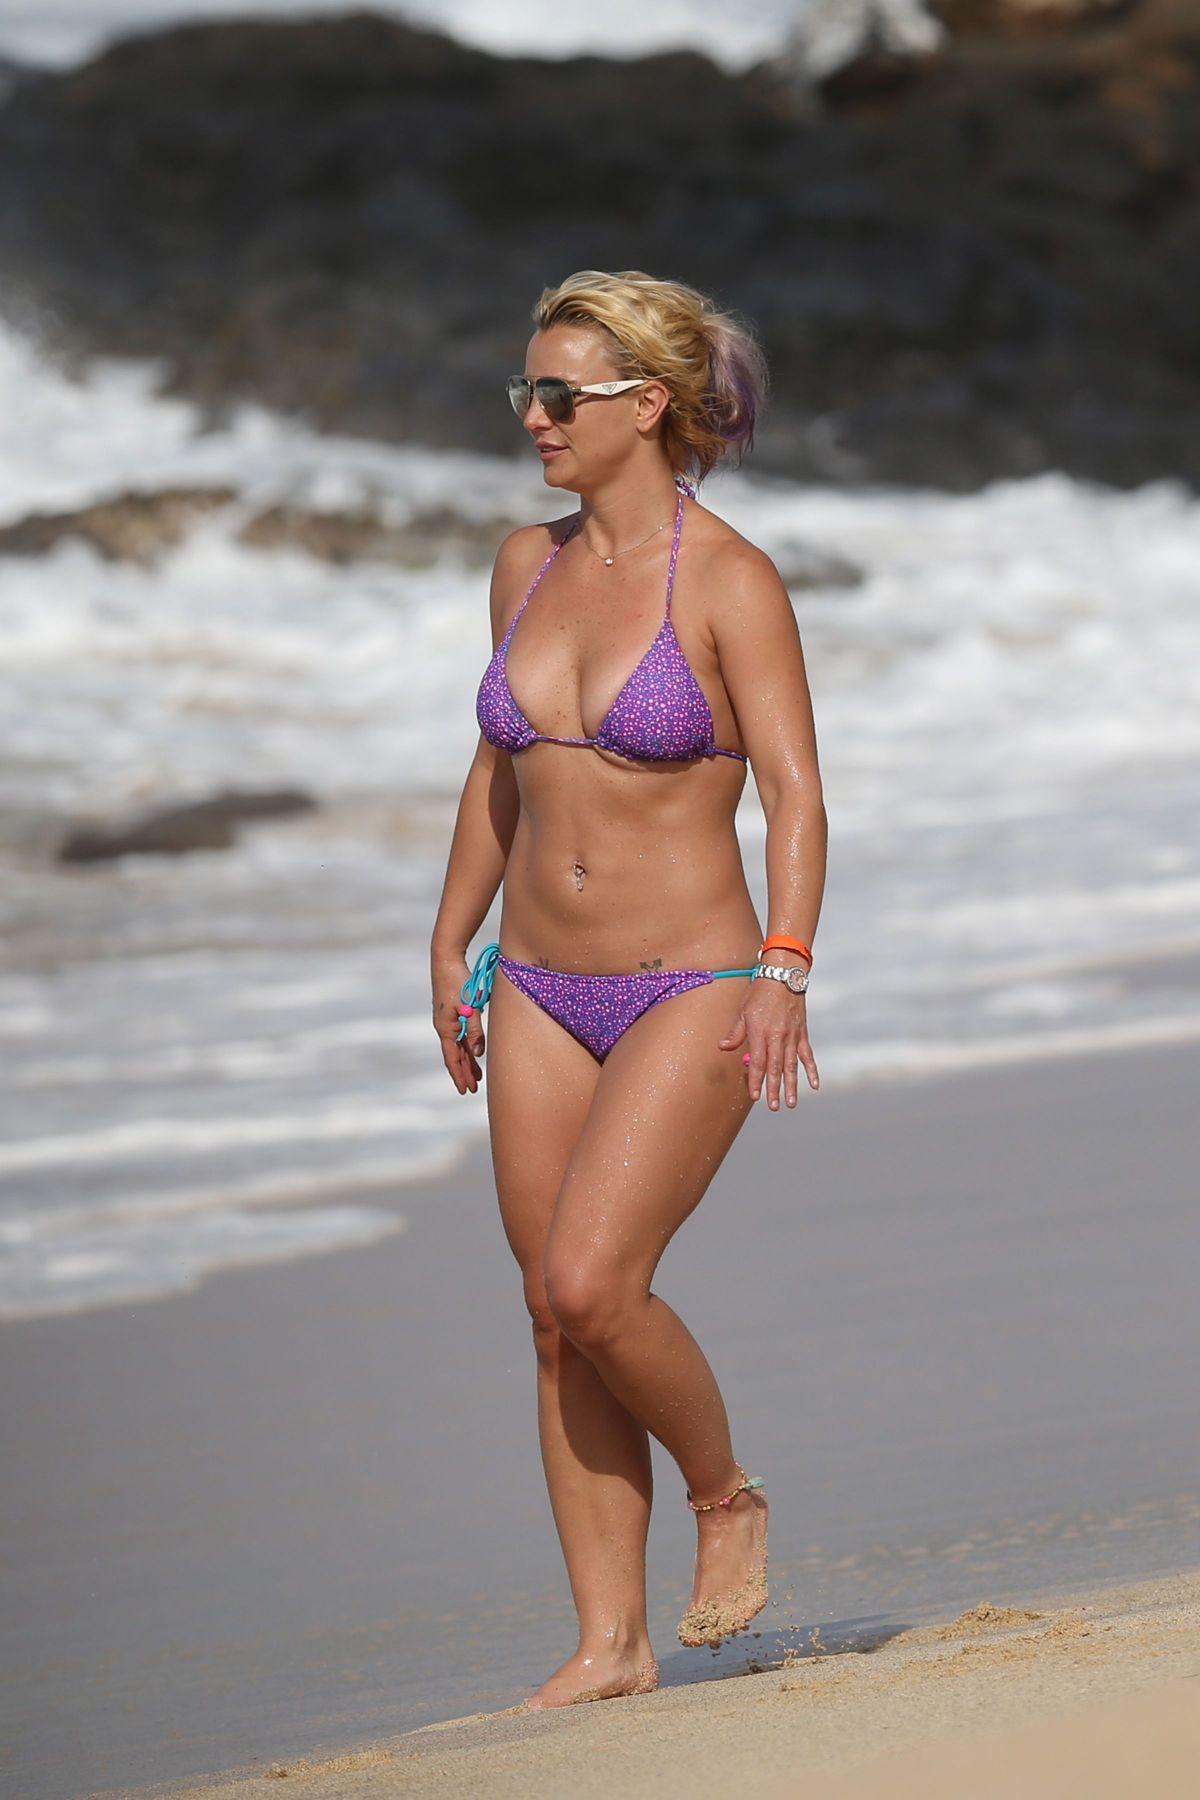 Brittney Spears In A Bikini 113